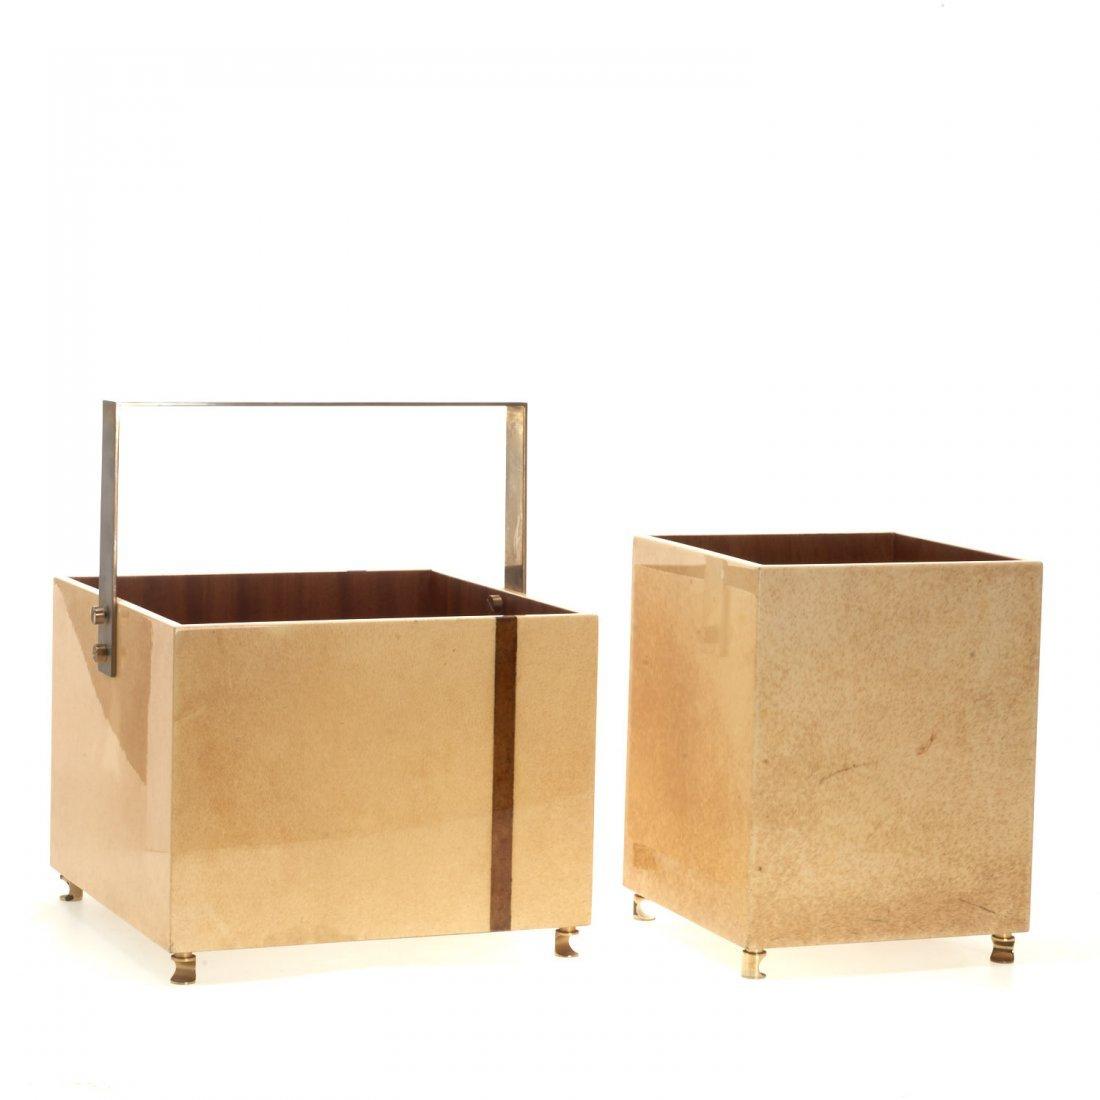 (2) Aldo Tura parchment baskets